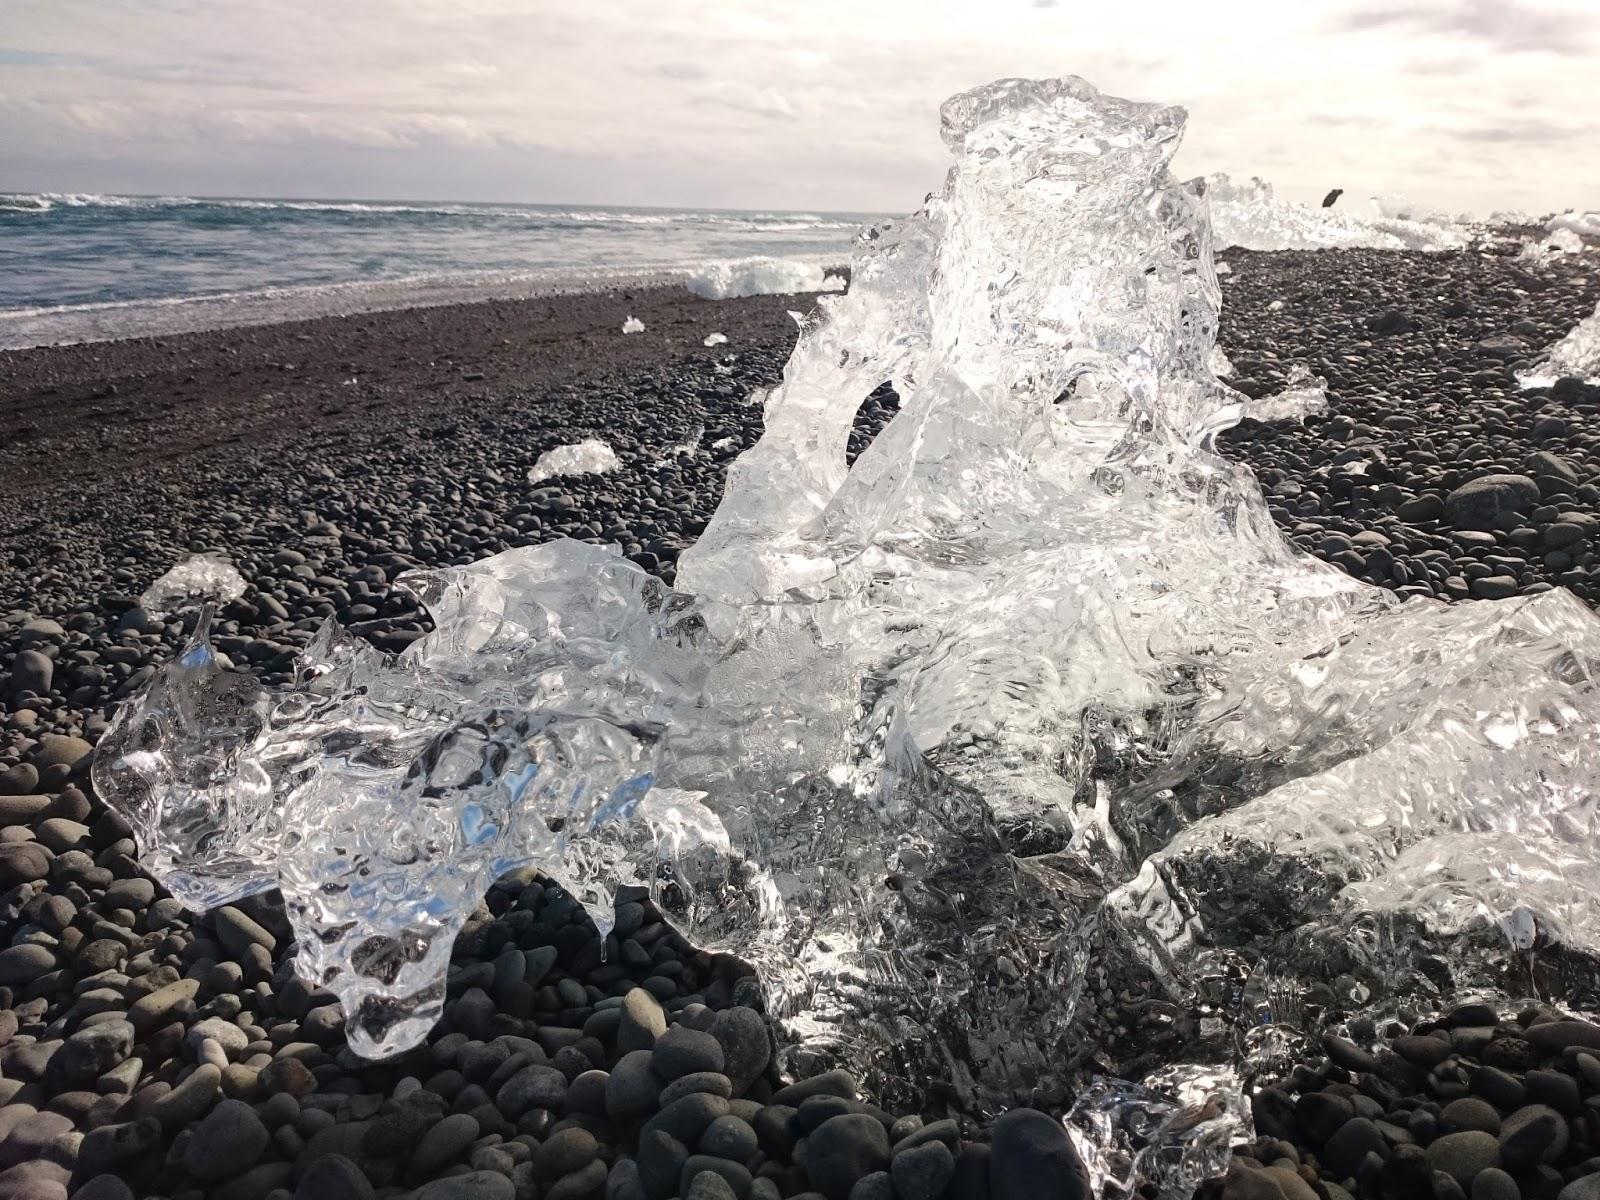 bryła lodu, czarna plaża, Laguna Lodowcowa, Islandia, Ice Lagoon, Jokulsarlon, lodowiec, jezioro, ocean, plaża, panidorcia, blog o Islandii